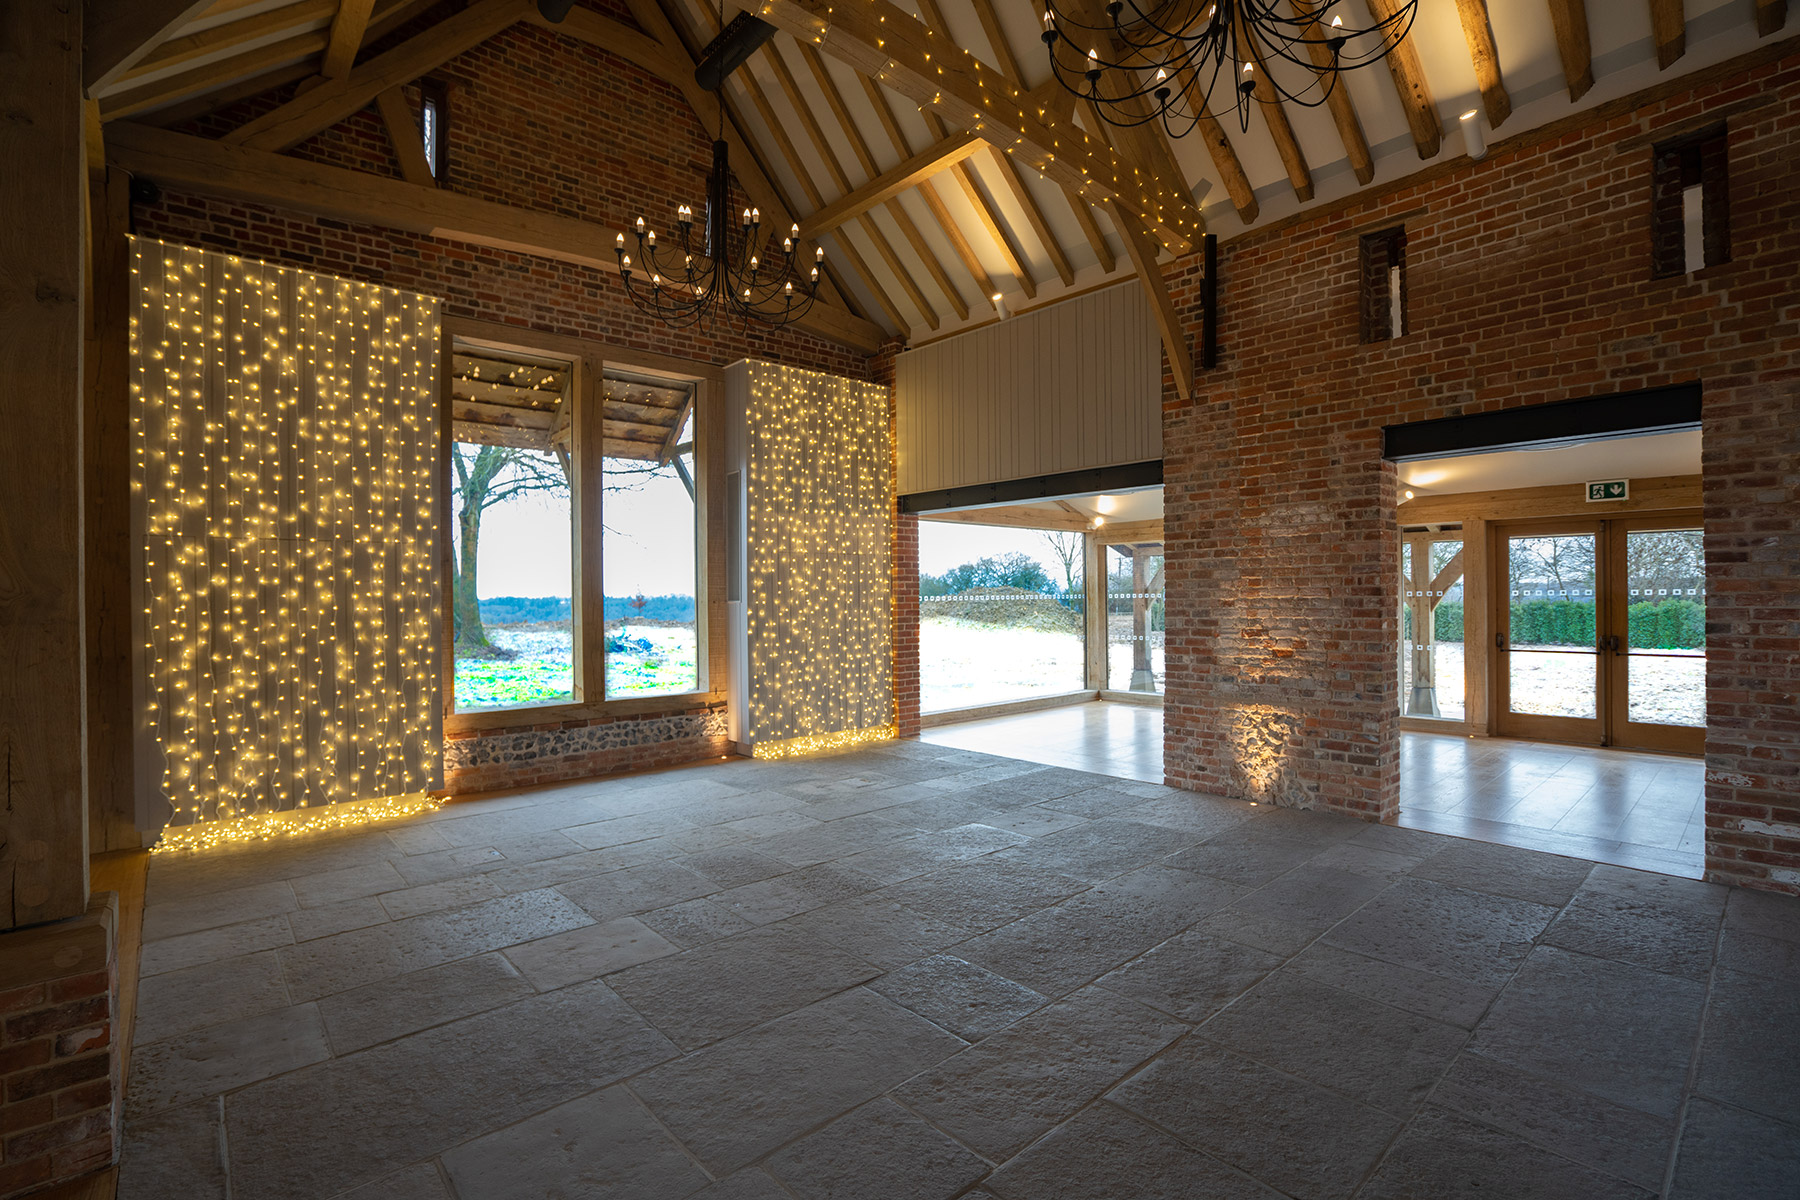 Rackleys Wedding Barn Interior Buckinghamshire